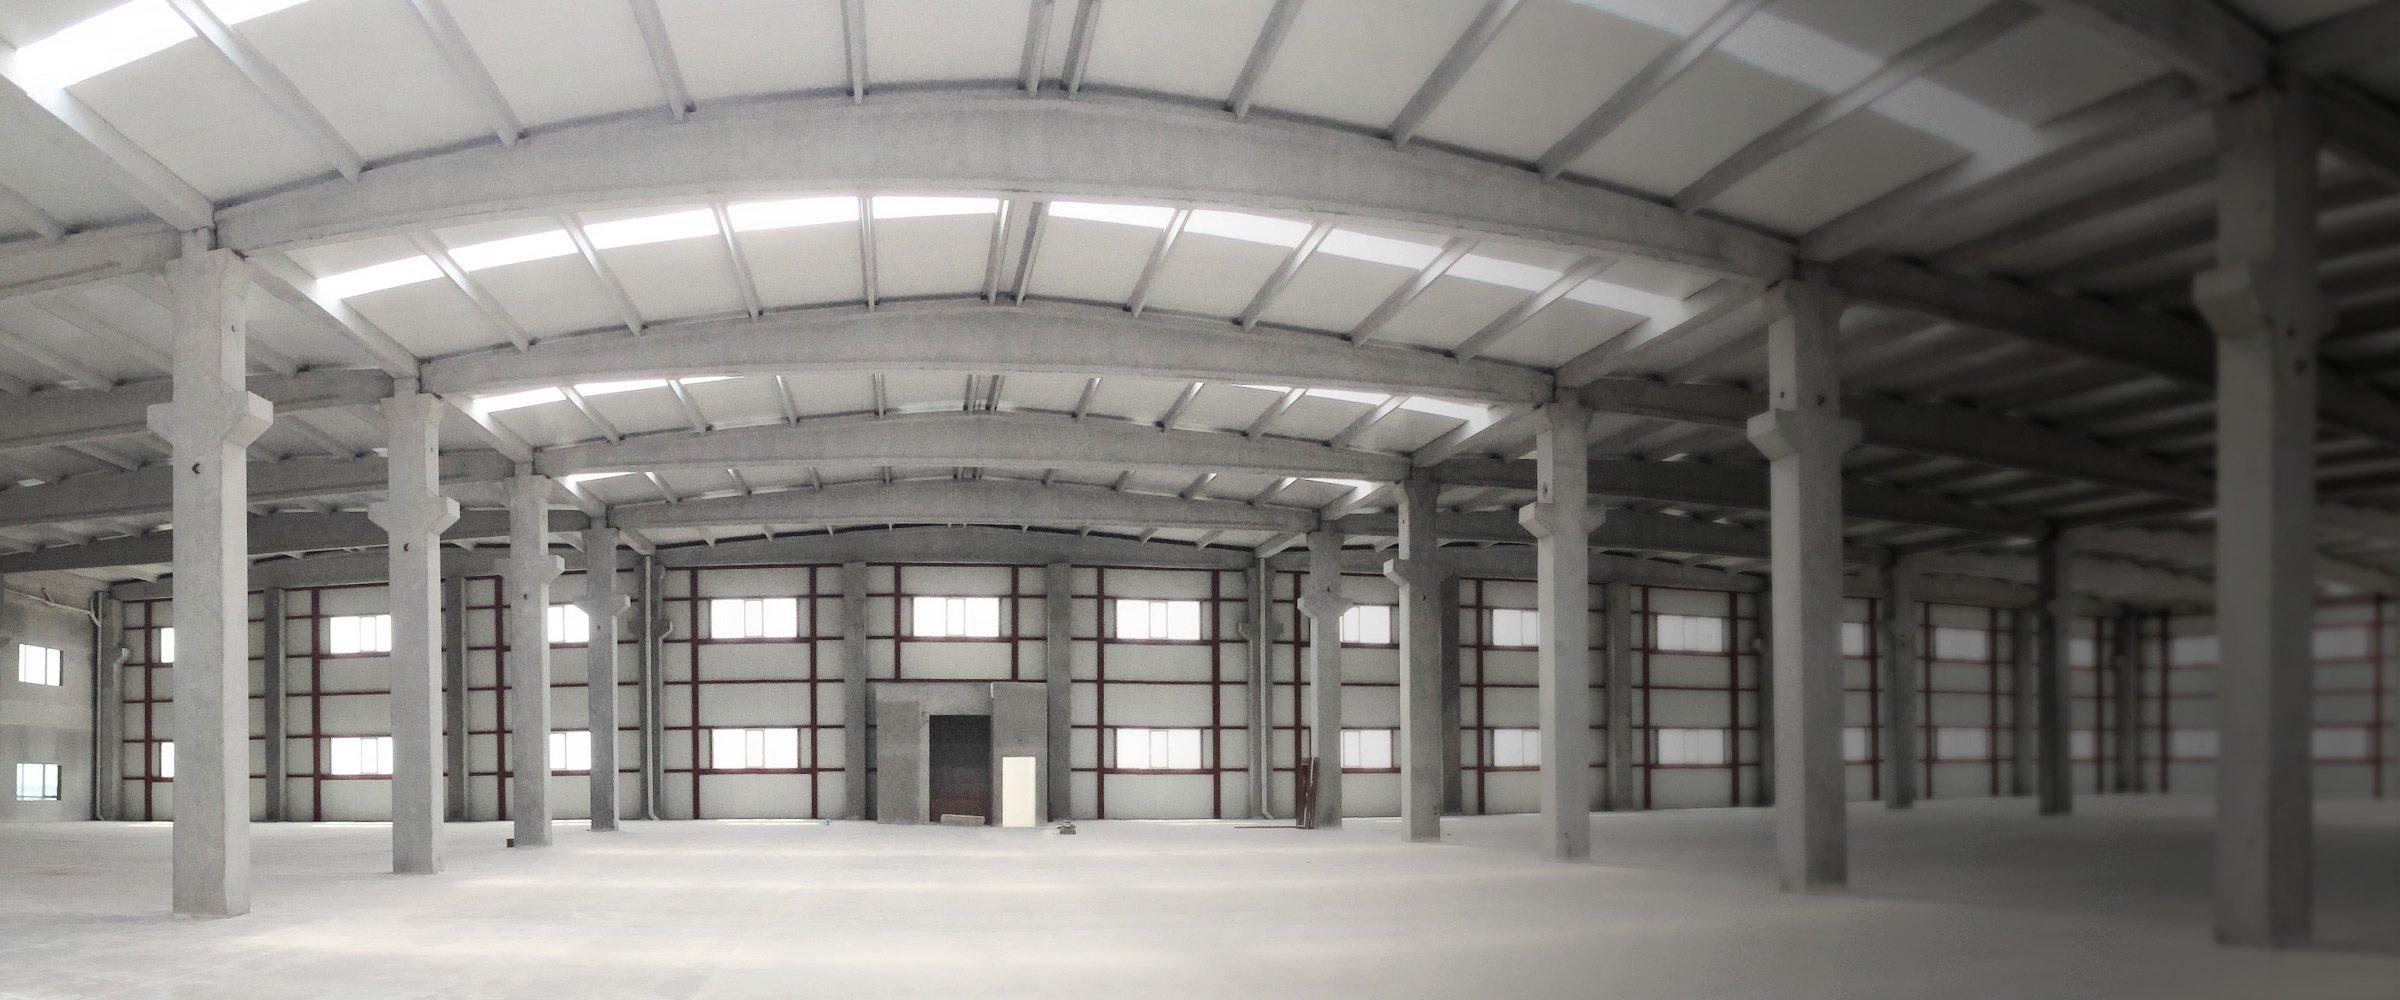 FİNA Prefabrik Sanayi Yapıları